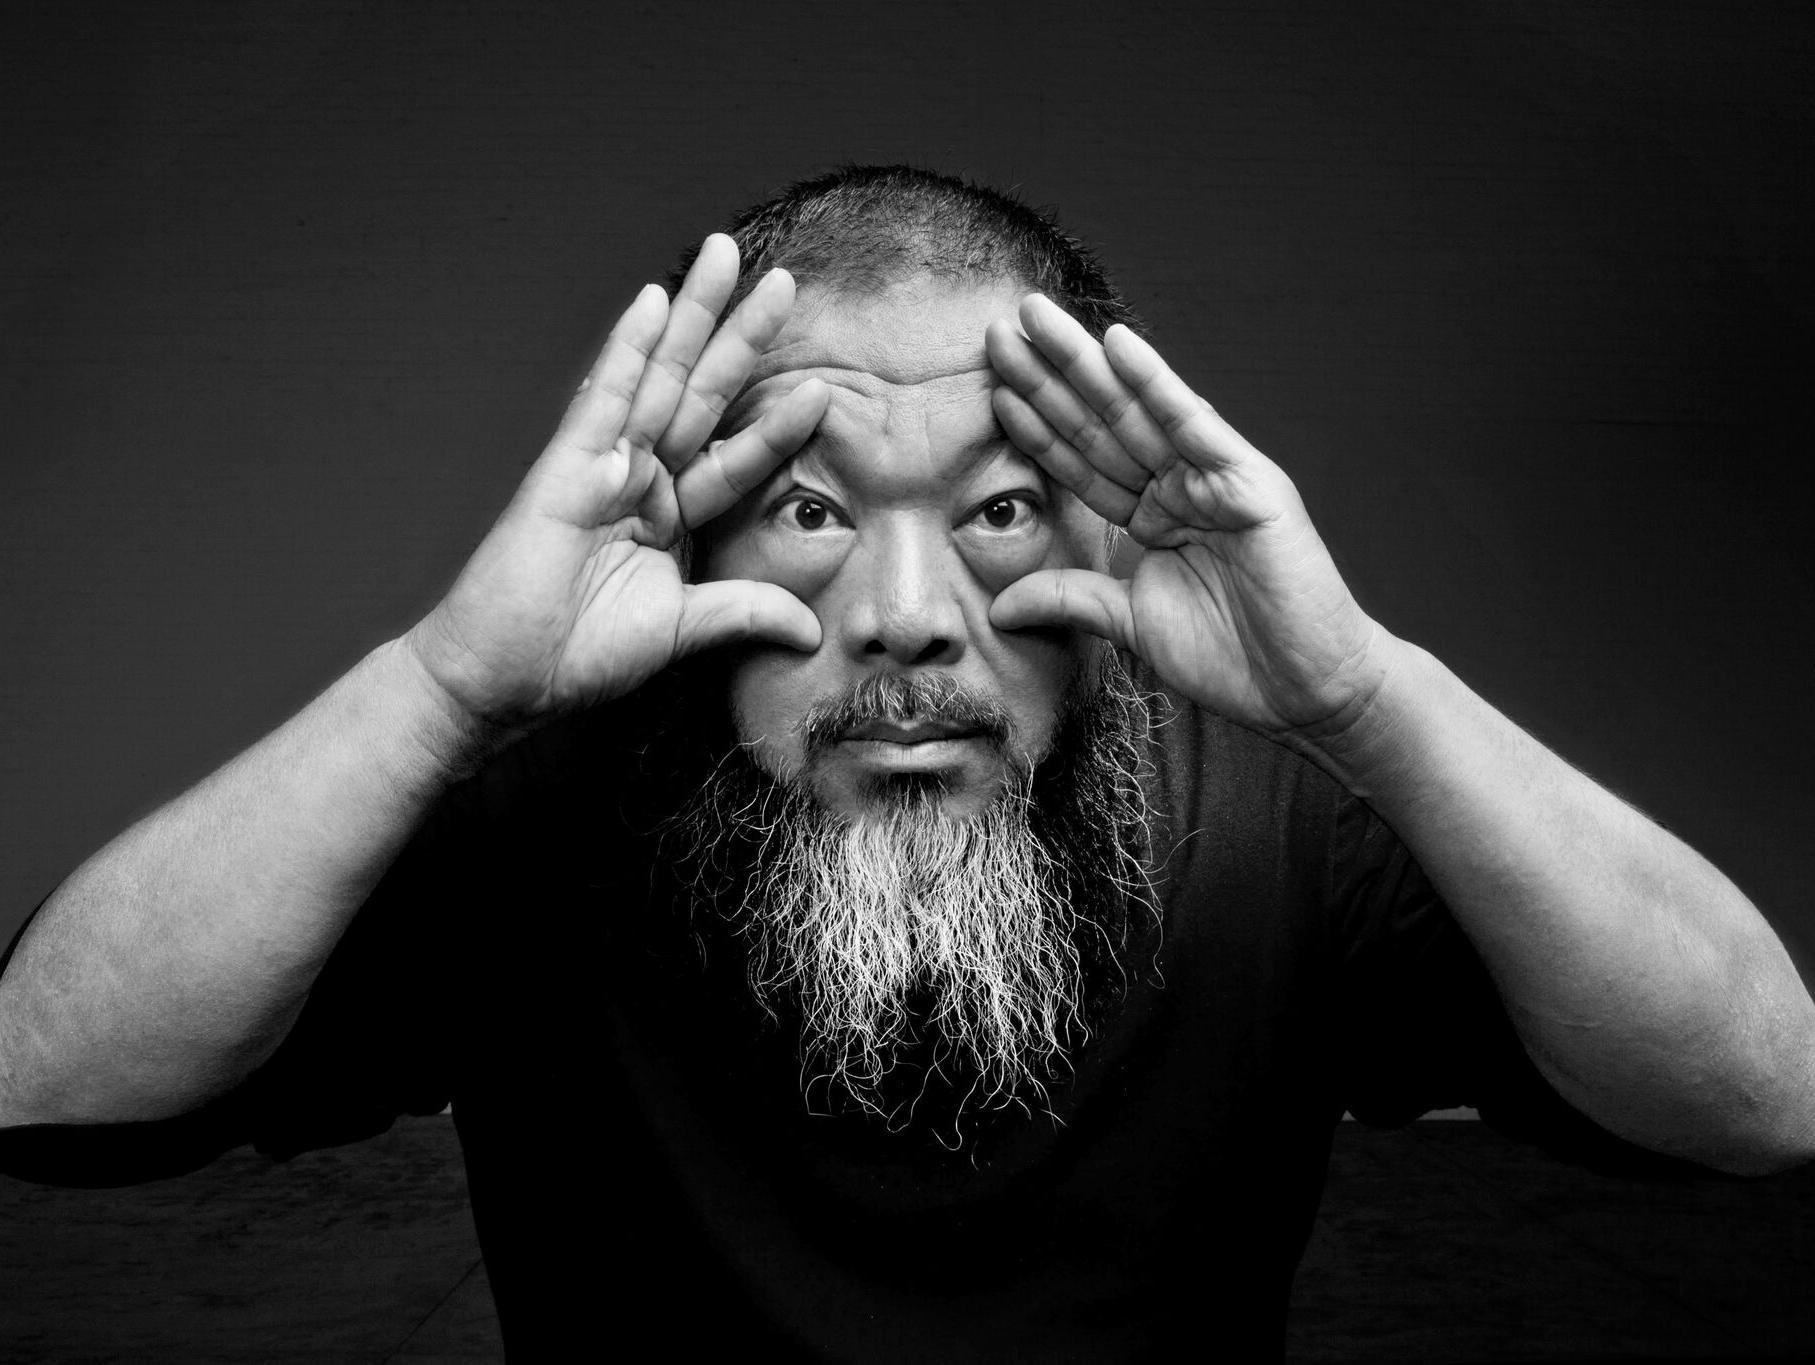 לראשונה בישראל: תערוכה של האמן הסיני החשוב אי וייויי